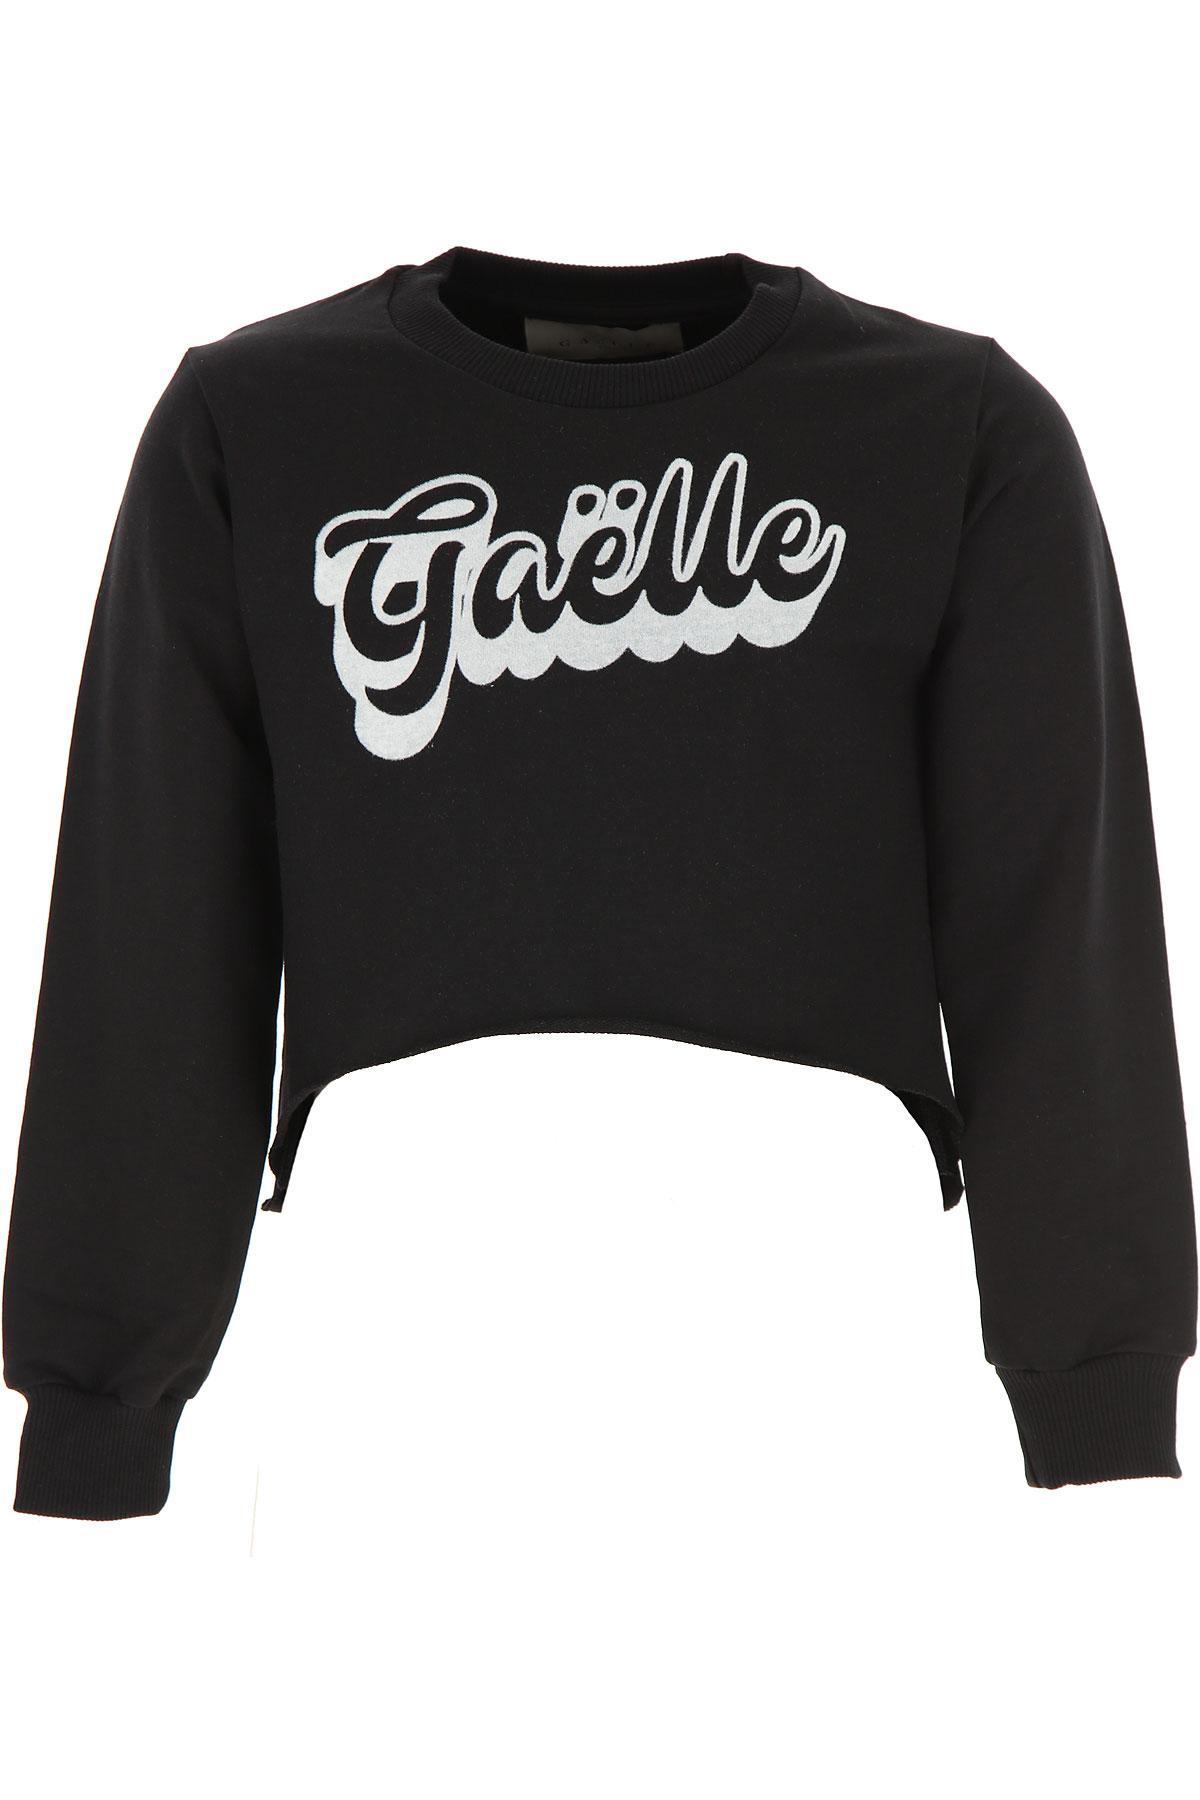 Gaelle Kids Sweatshirts & Hoodies for Girls On Sale, Black, Cotton, 2019, 12Y 14Y 16Y 8Y